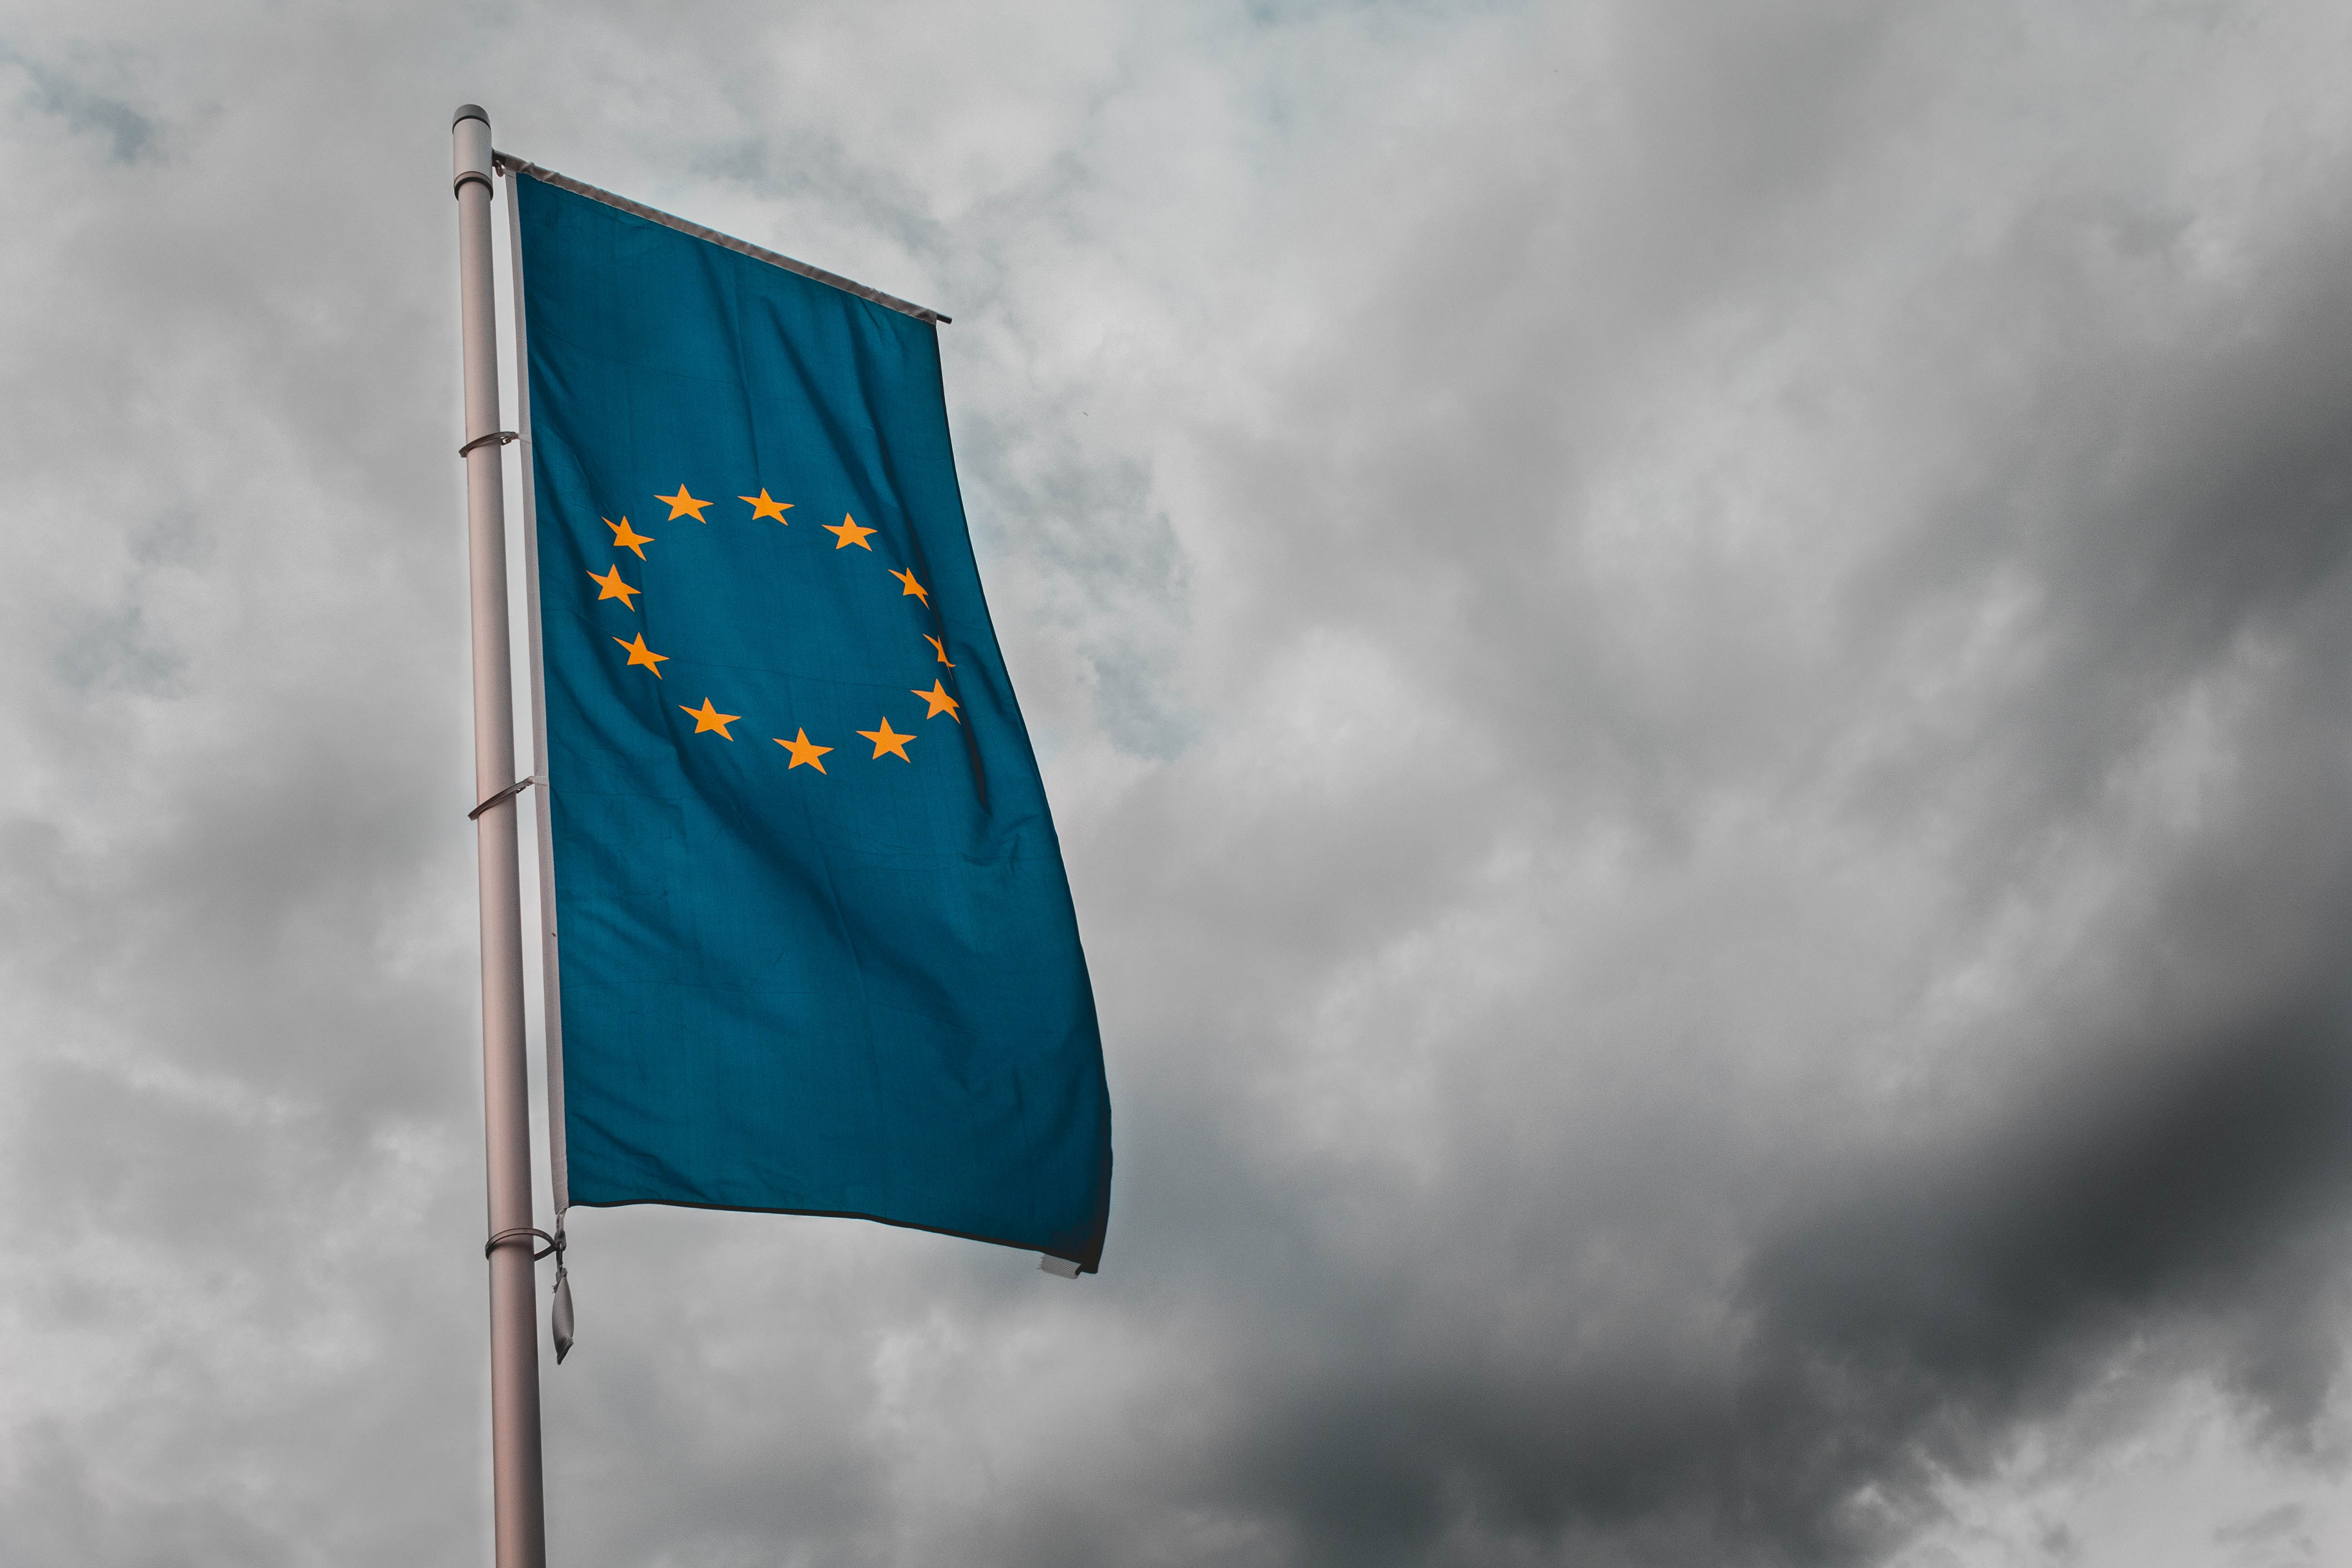 Fickt  EUch – Gegen das Europa der Banken und Konzerne!